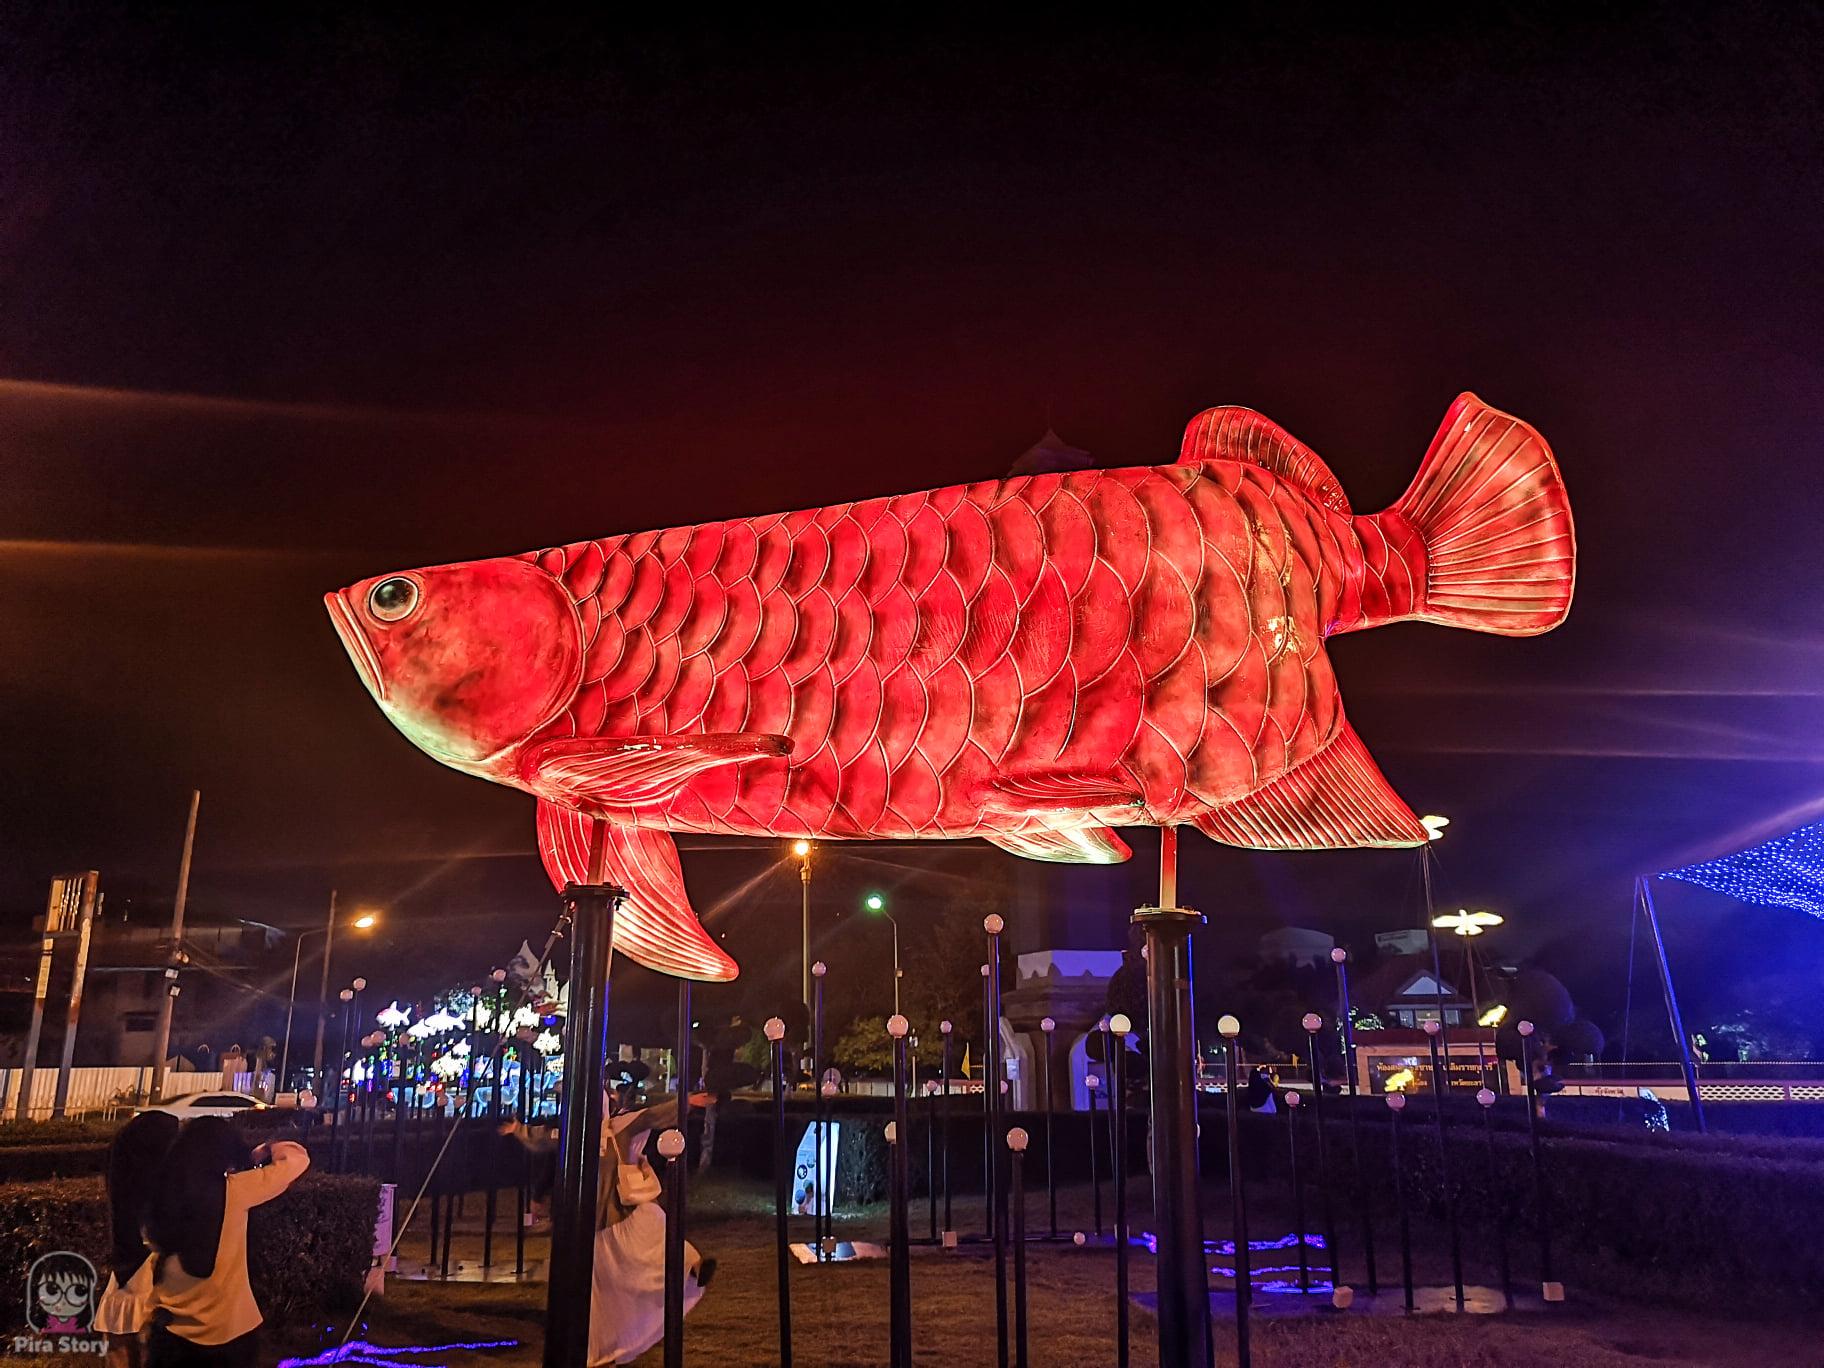 ปลามังกร อำเภอรามัน ปลาประจำจังหวัด สัตว์ประจำจังหวัด วงเวียนหอนาฬิกา เทศบาลนครยะลา yala 2021 ยะลา เที่ยวยะลา จังหวัดยะลา สามจังหวัดชายแดน ชายแดนใต้ ใต้สุดสยาม ไฟประดับ ปีใหม่ ถ่ายรูปไฟ ถ่ายรูปปีใหม่ ถ่ายรูปไฟคริสมาสต์